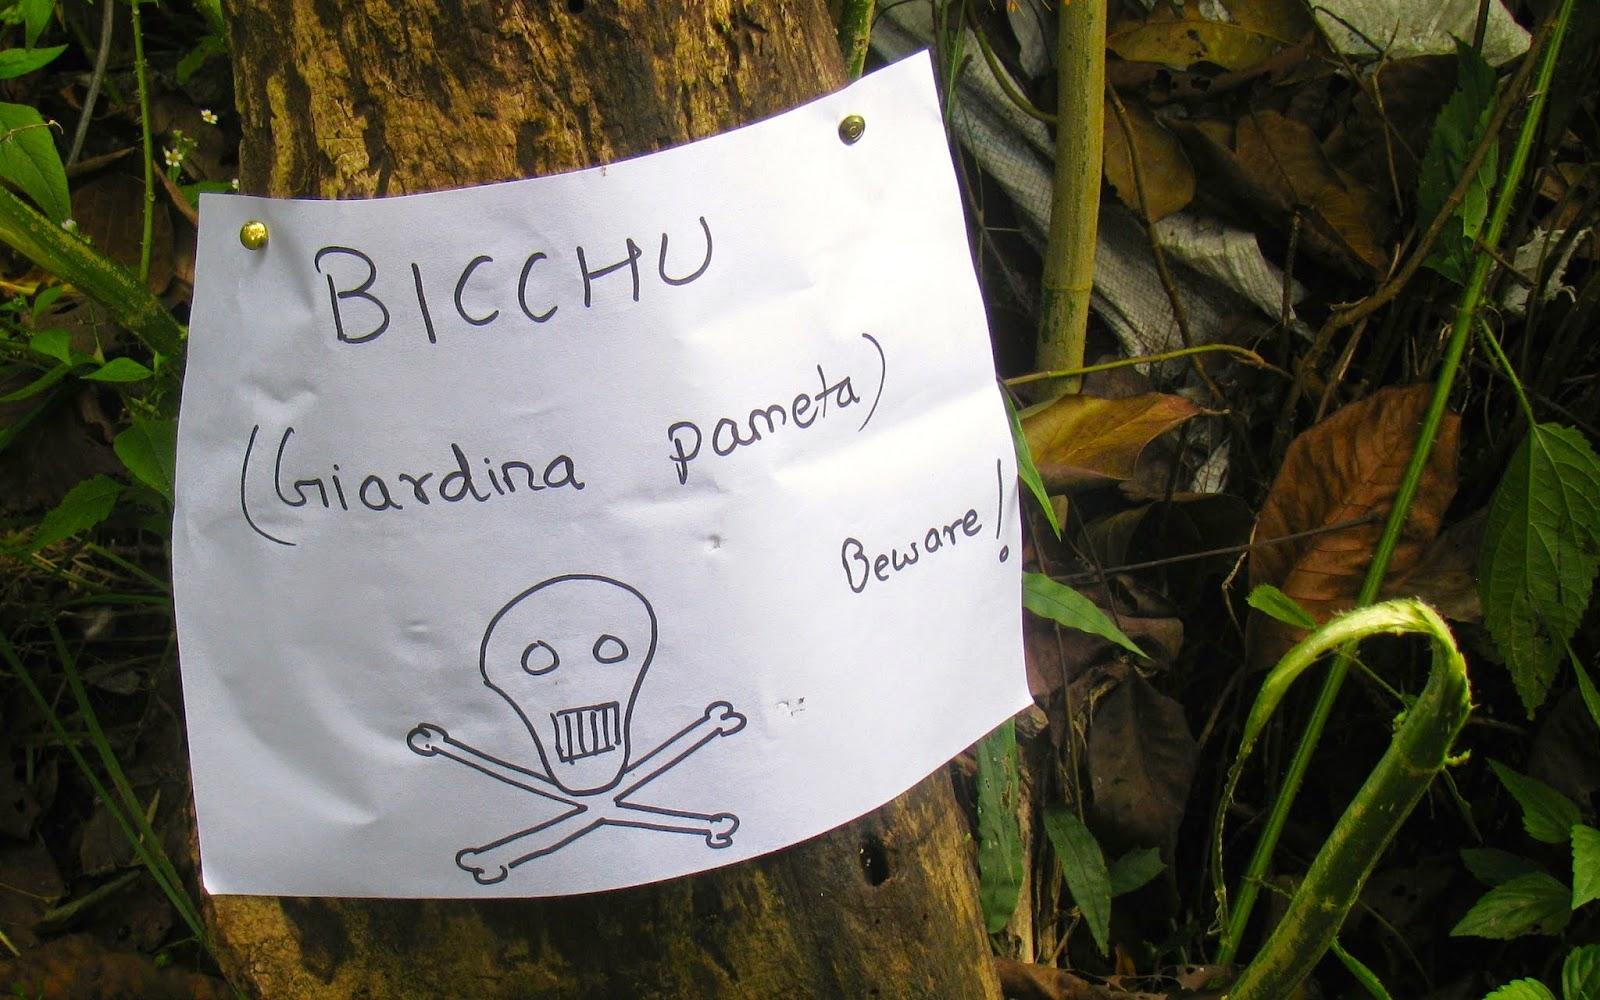 Bichu buti